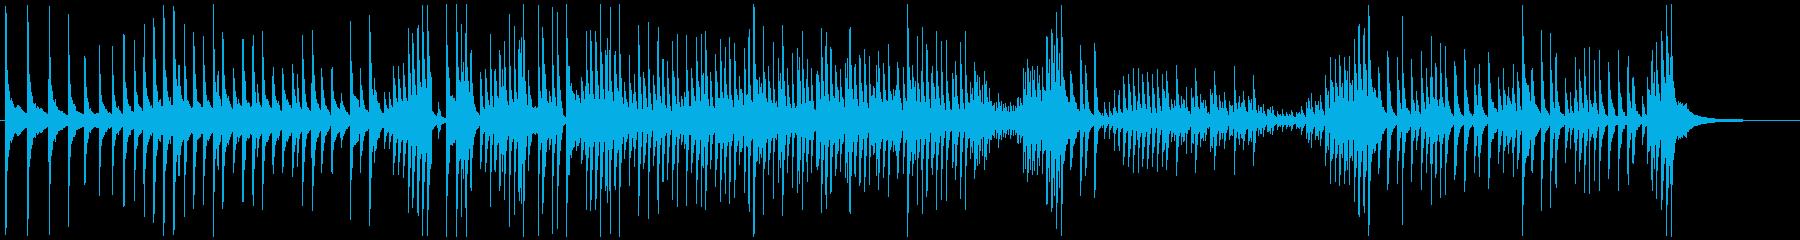 津軽三味線ソロ-E、激しい、疾走、声入りの再生済みの波形